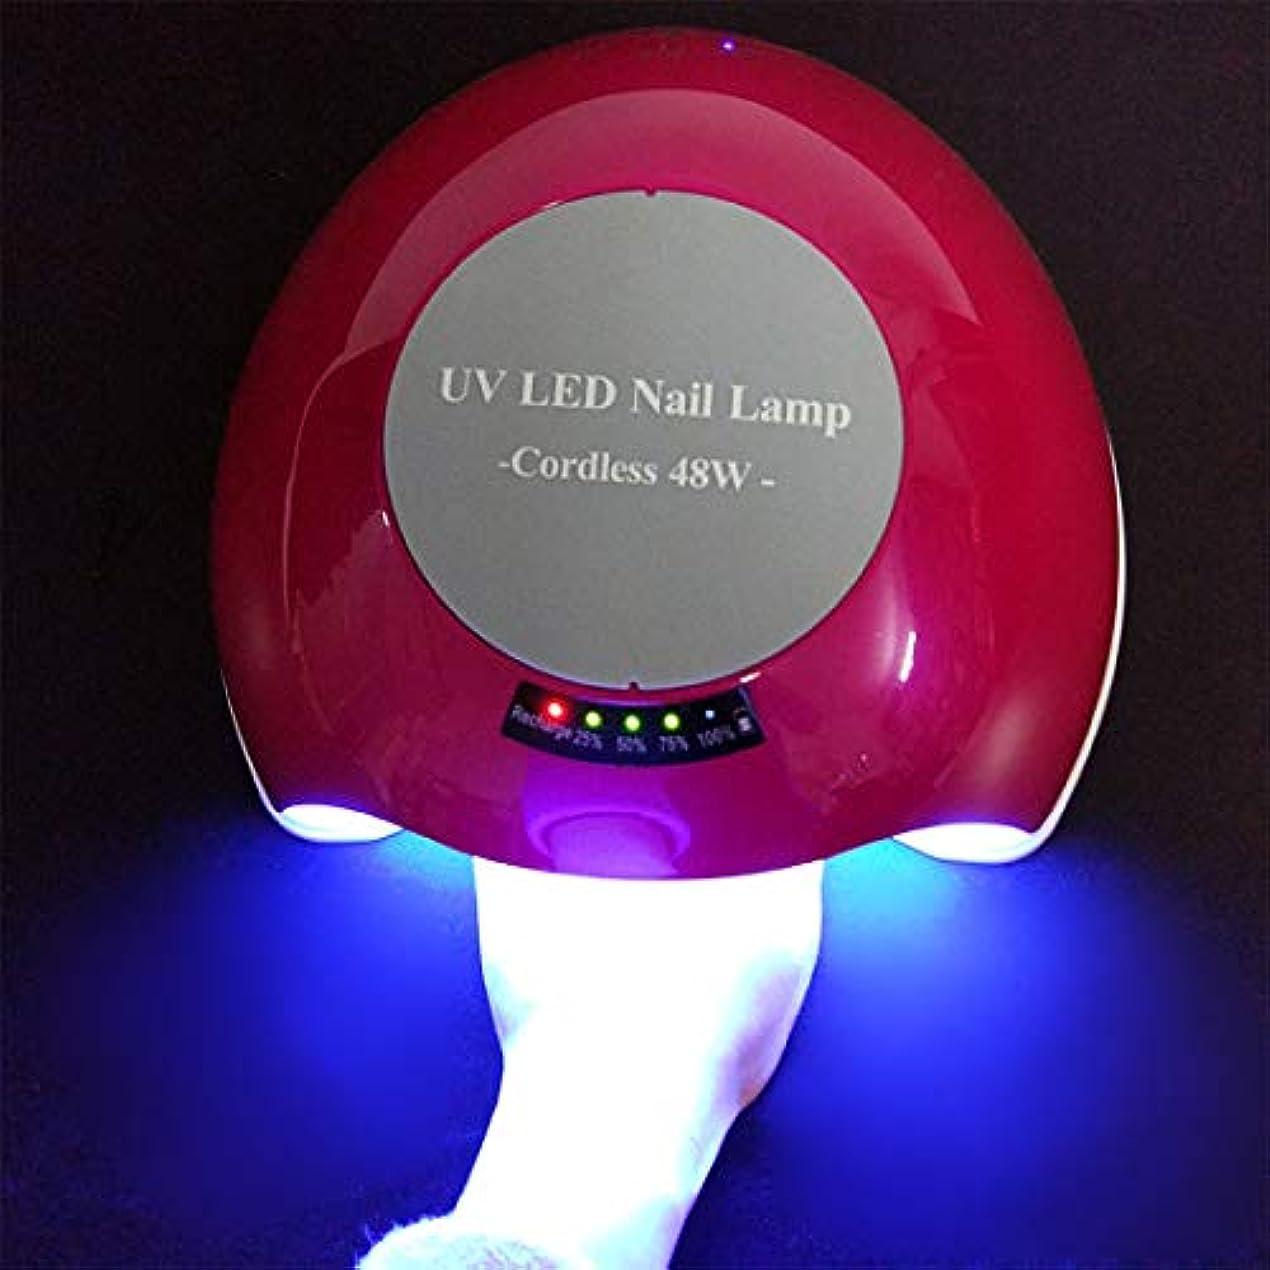 ビジュアル赤ちゃん勇気シェラックおよびゲルの釘のための48W専門の紫外線およびLEDの釘ランプそして釘のドライヤーの表示,Red